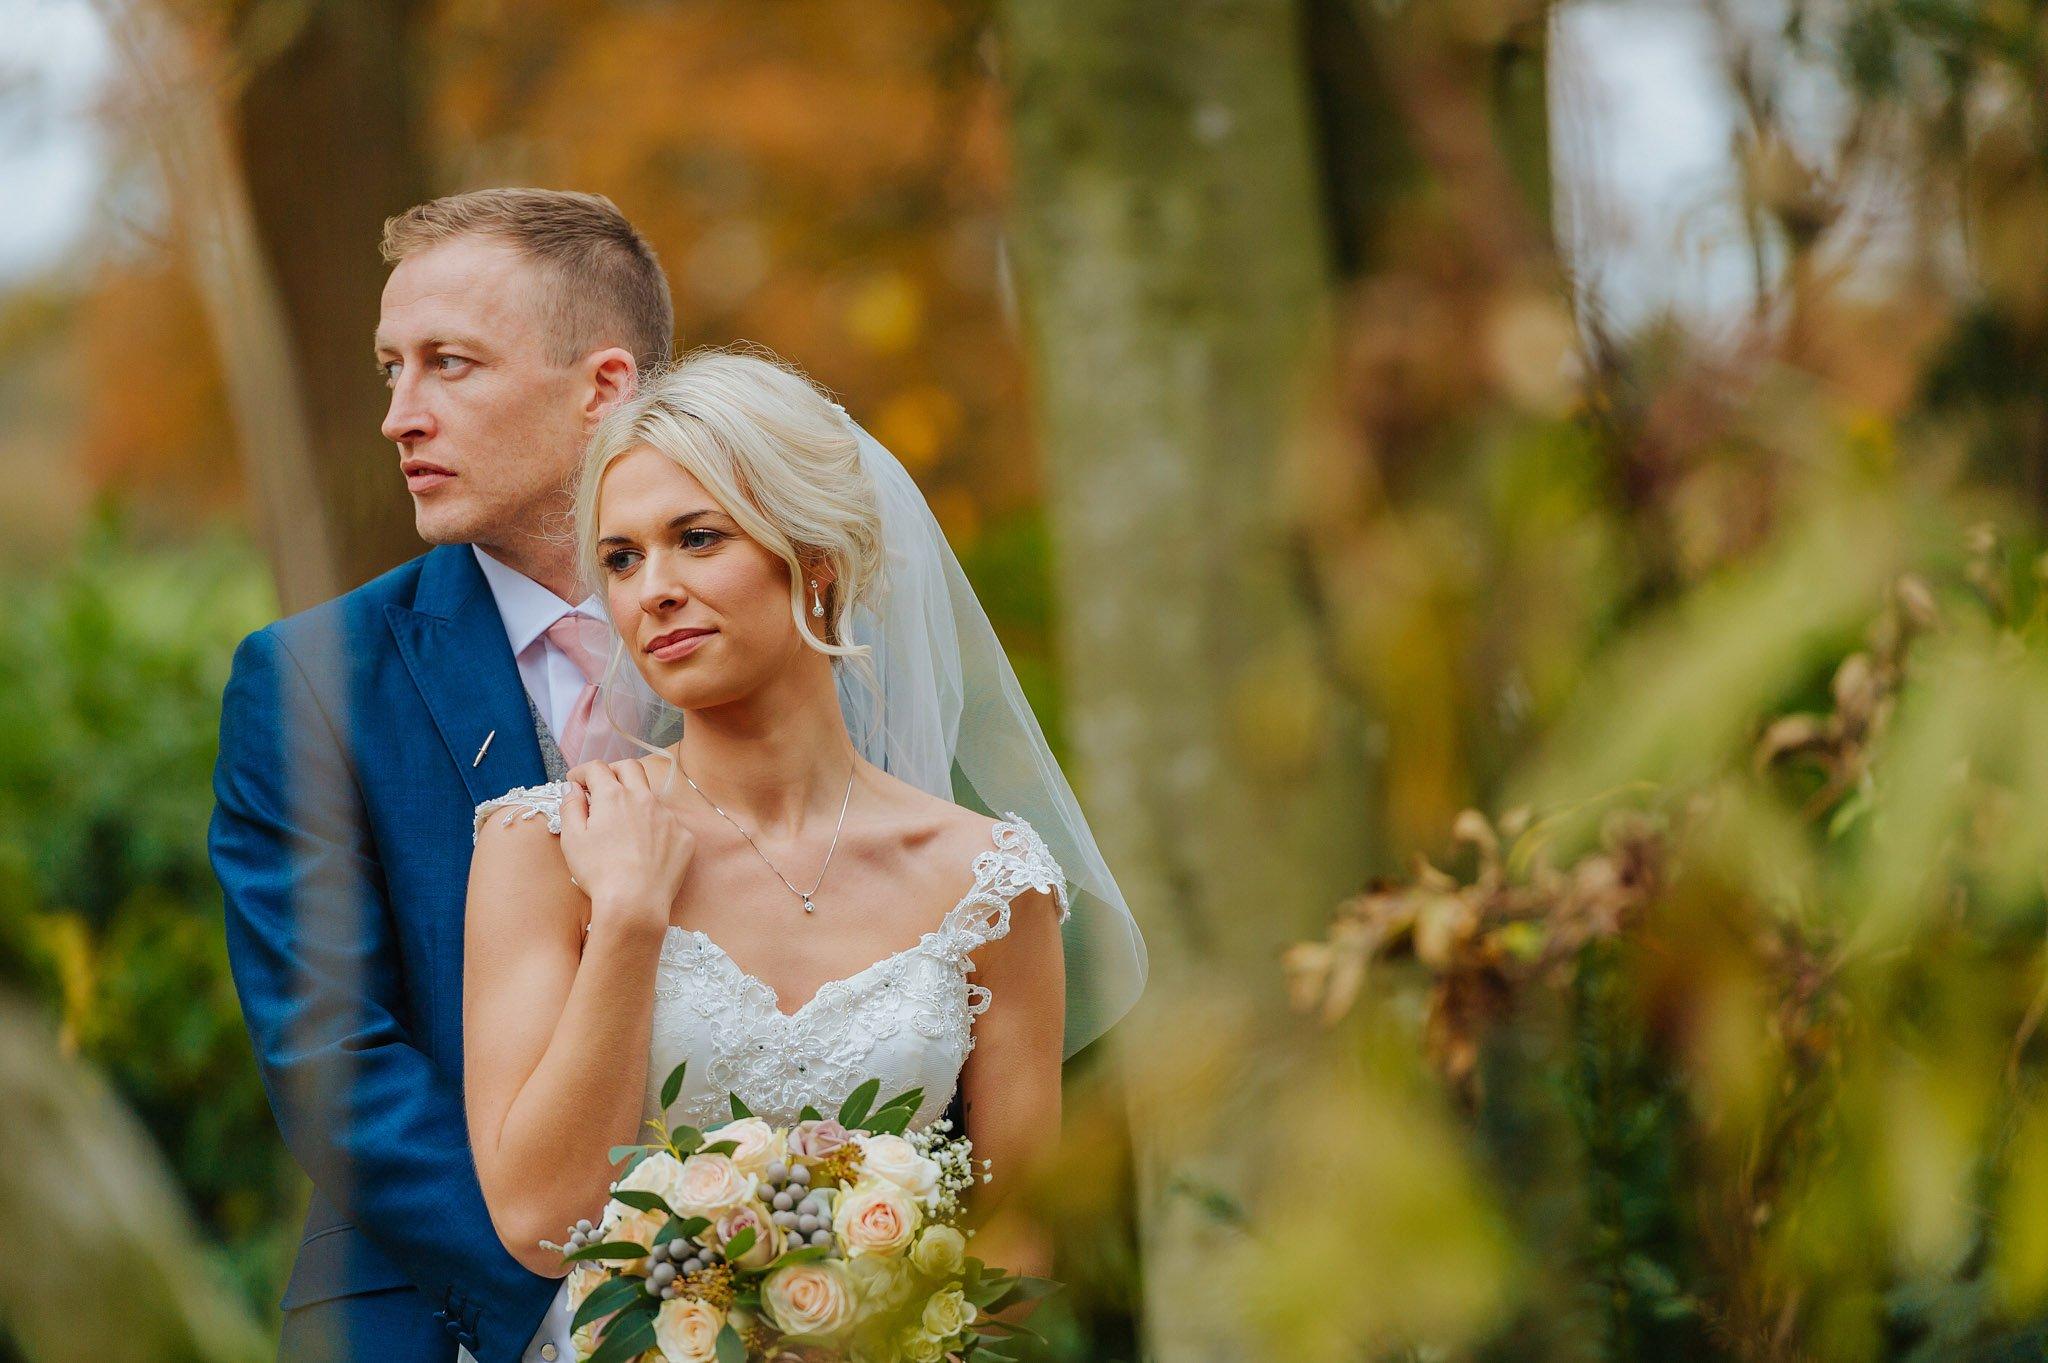 Lemore Manor wedding, Herefordshire - West Midlands | Sadie + Ken 68